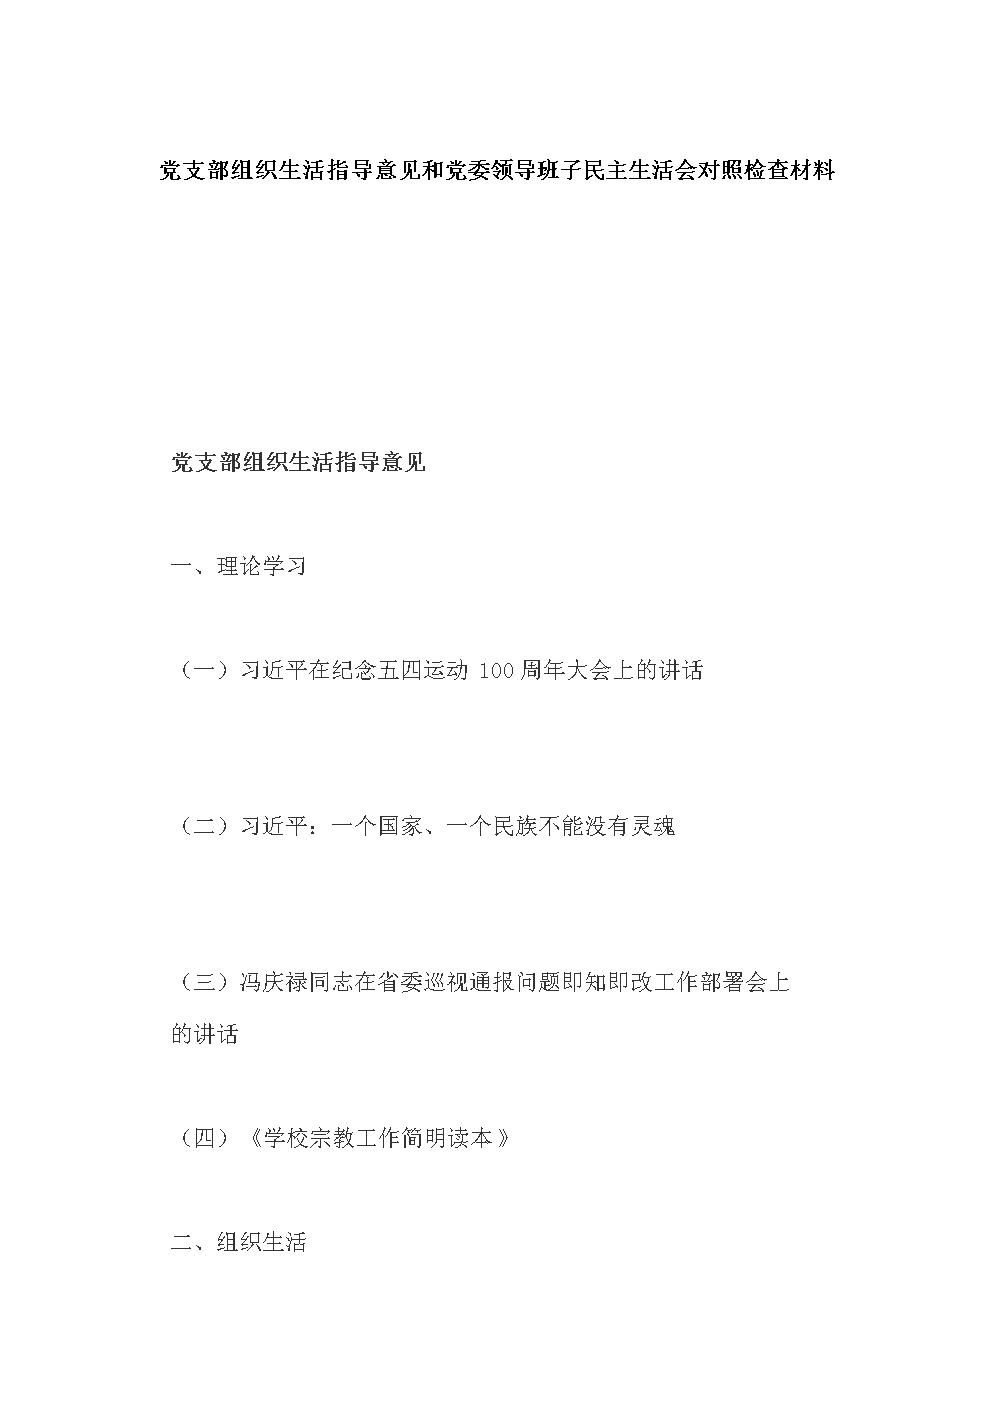 党支部组织生活指导意见和党委领导班子min主生活会对照检查材料.docx